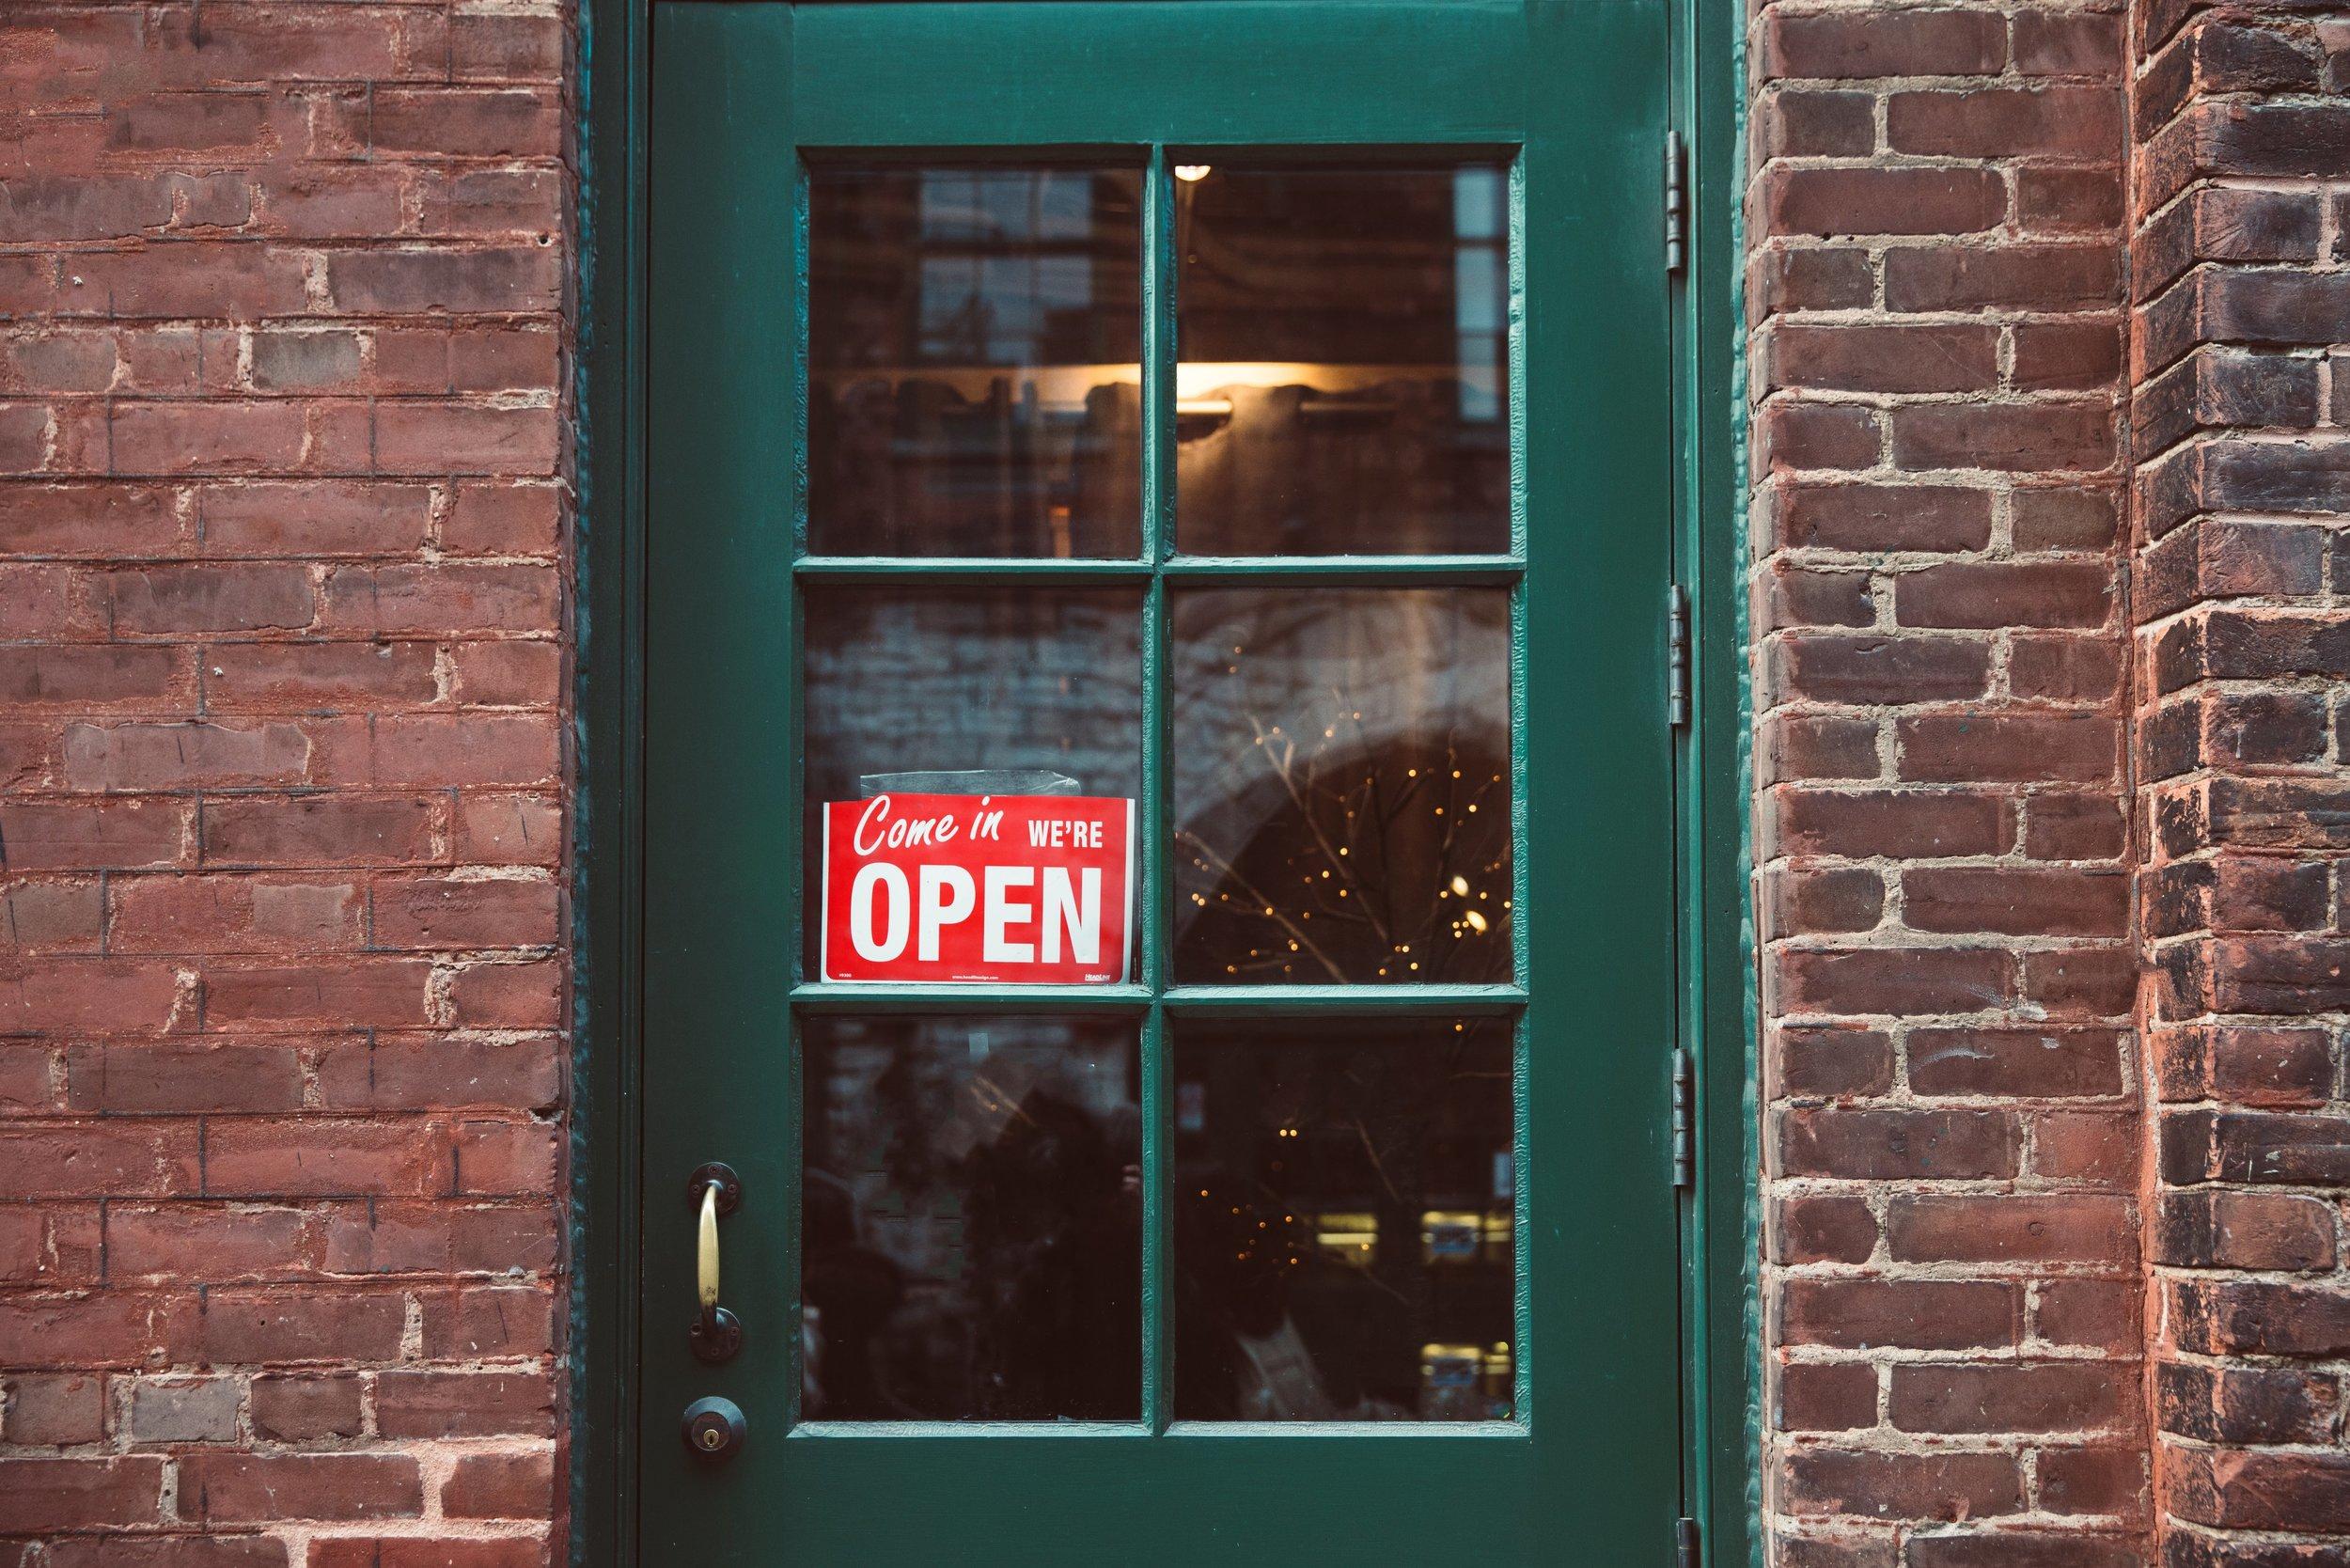 green-door-with-open-sign_4460x4460.jpg